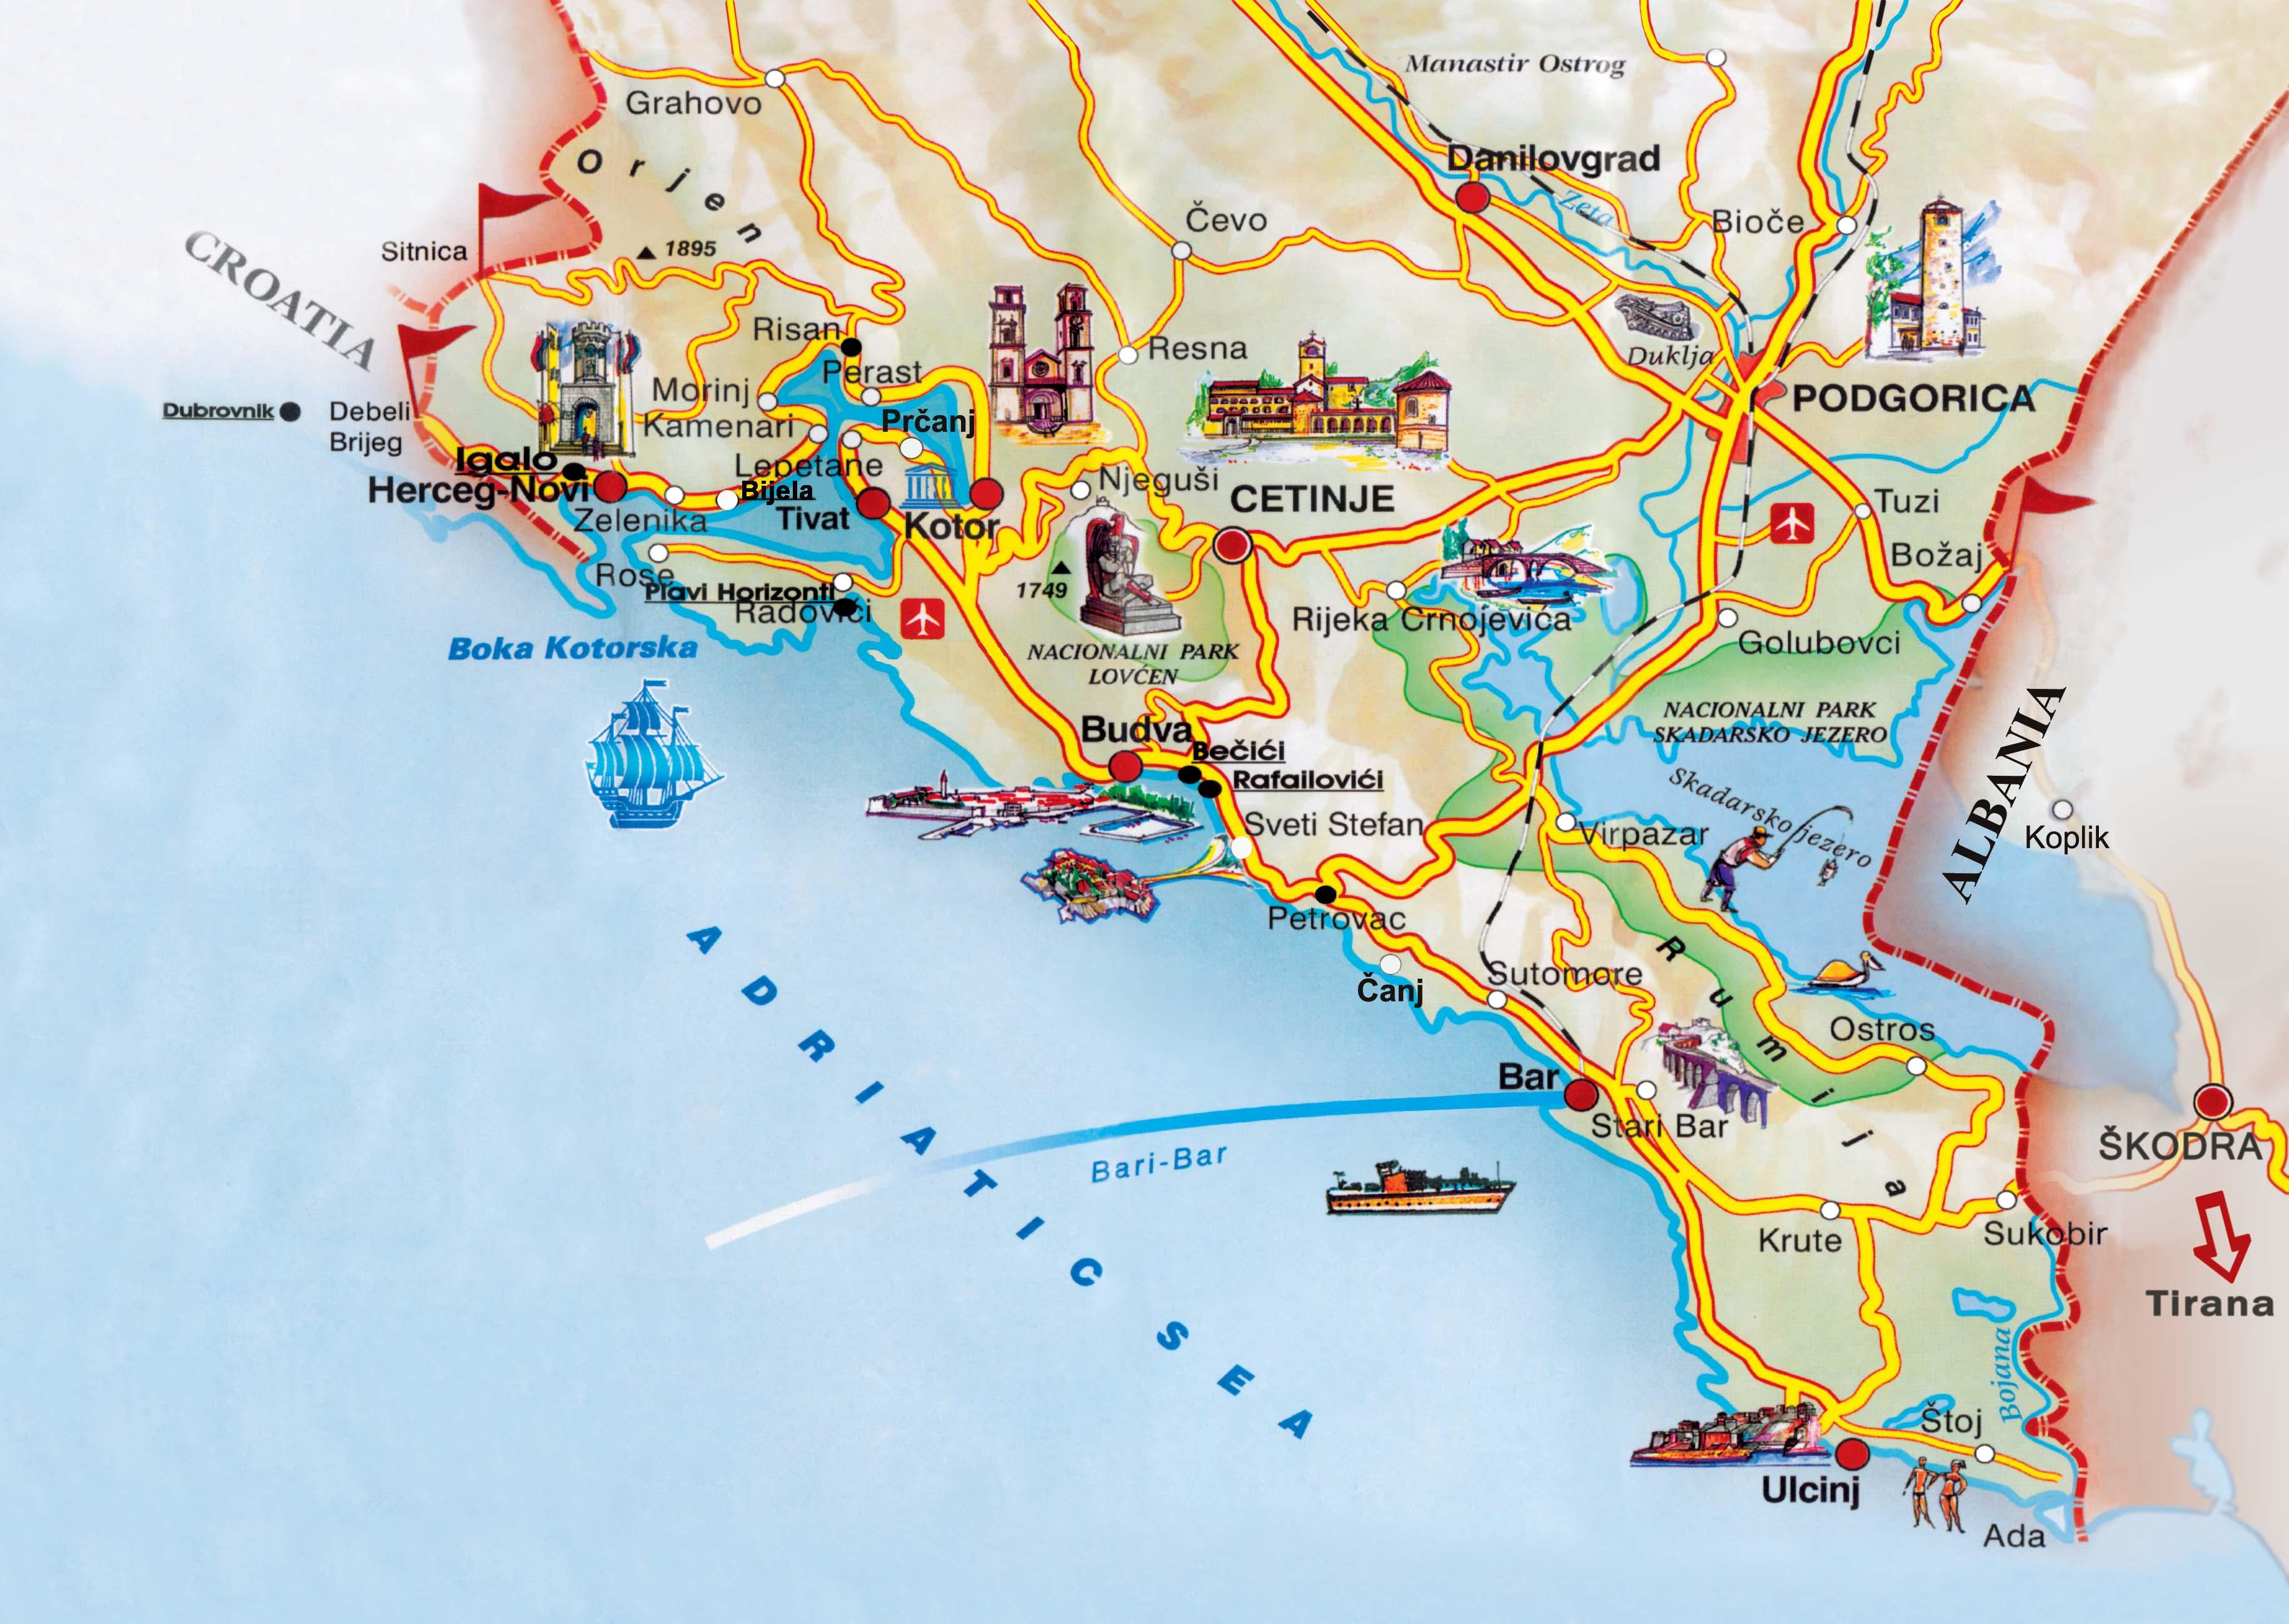 Mapa Fisic Del Mon.Mapas De Montenegro Guia De Turismo De Montenegro